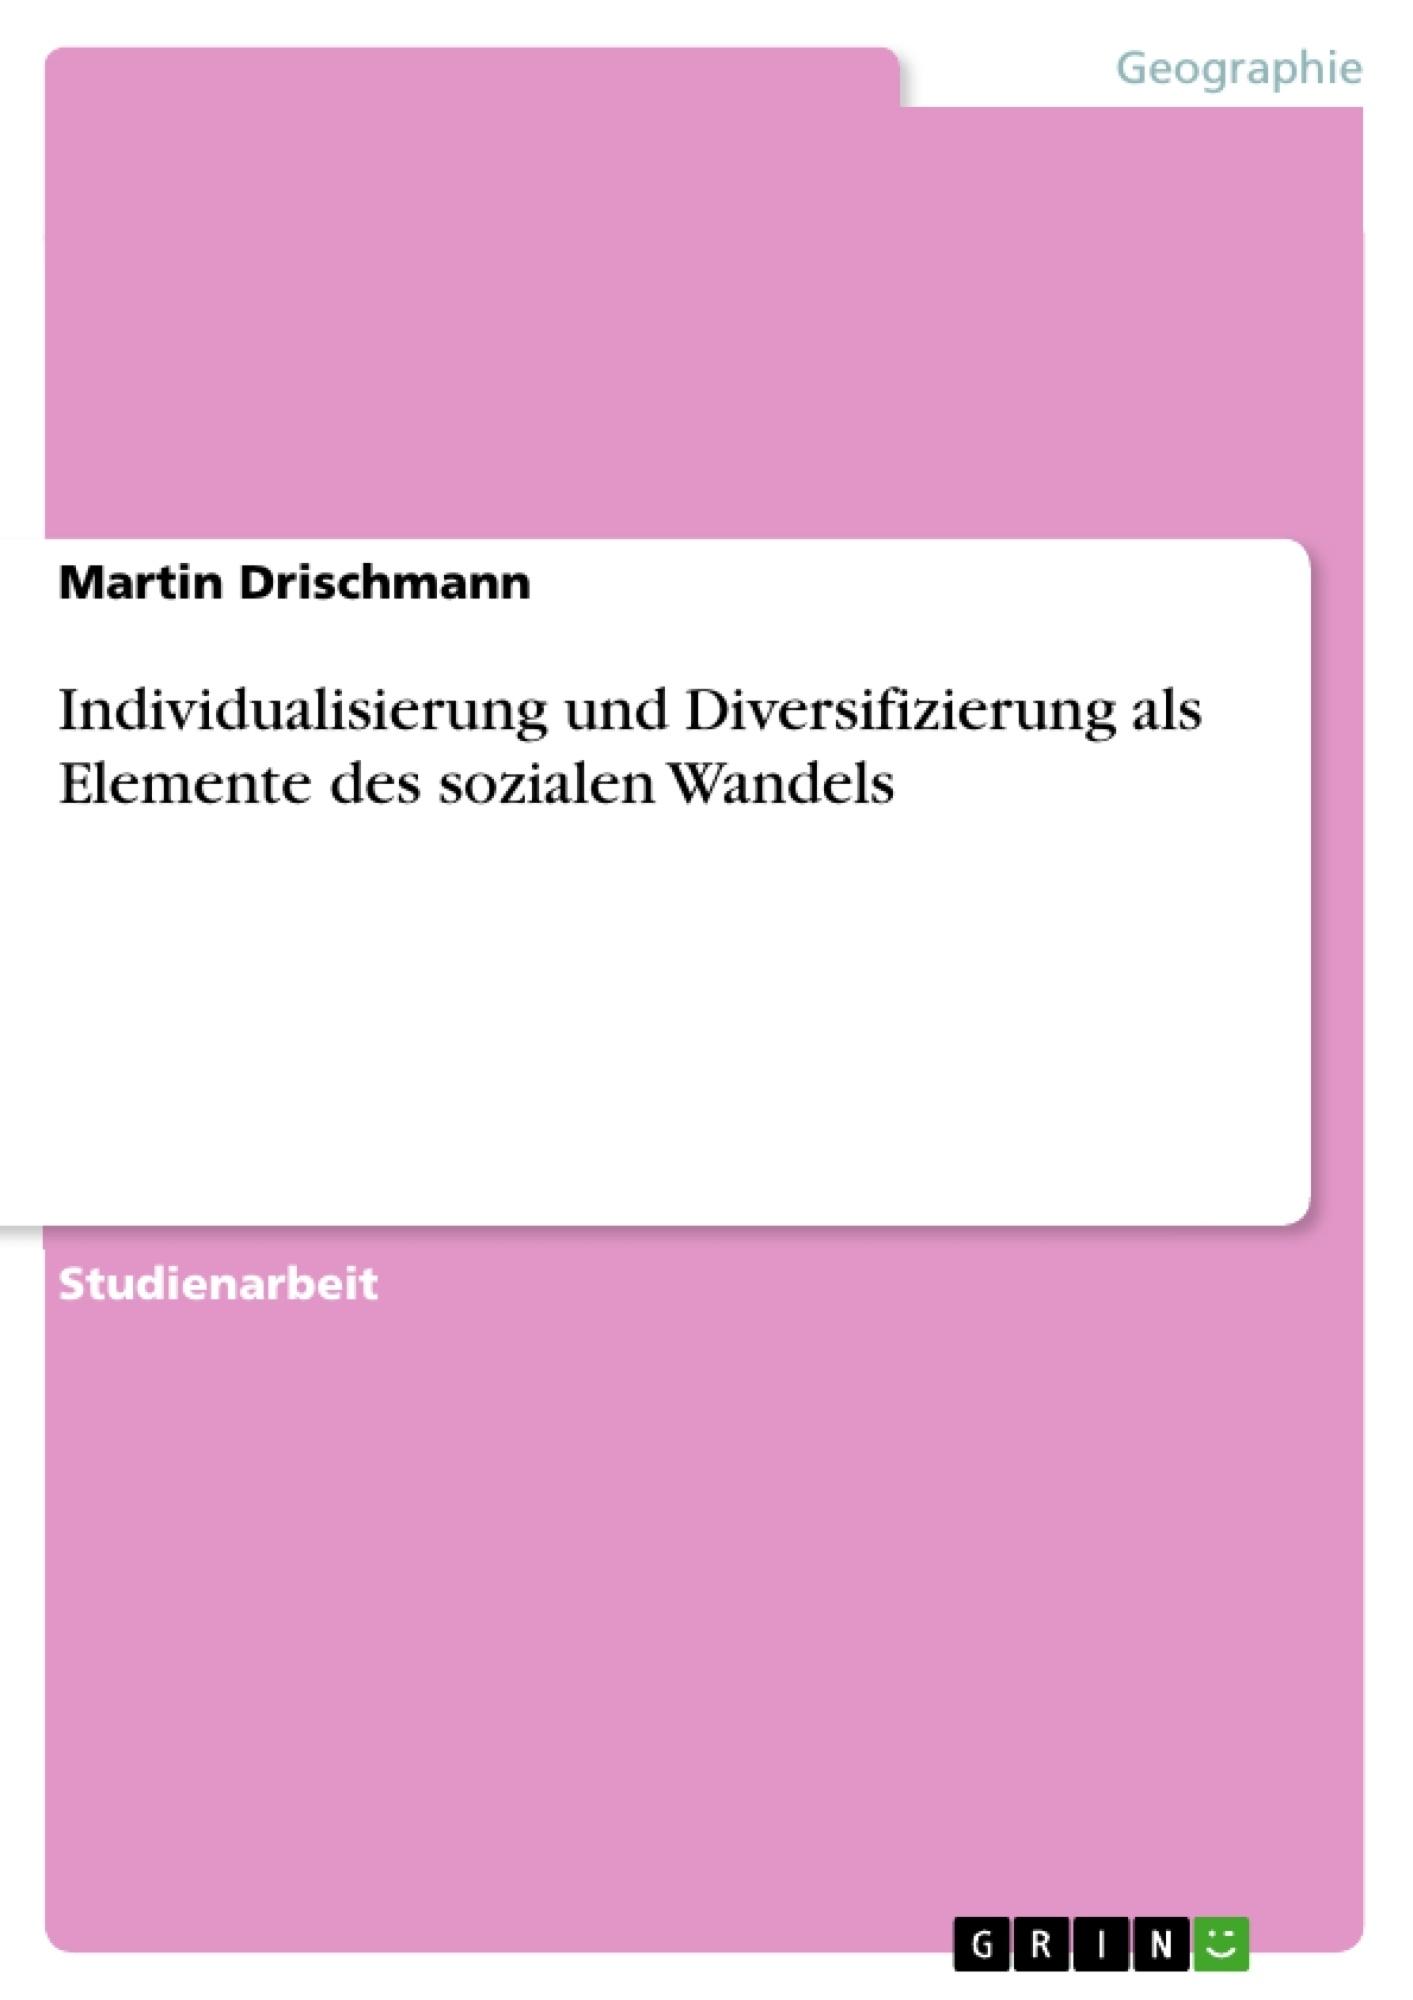 Titel: Individualisierung und Diversifizierung als Elemente des sozialen Wandels